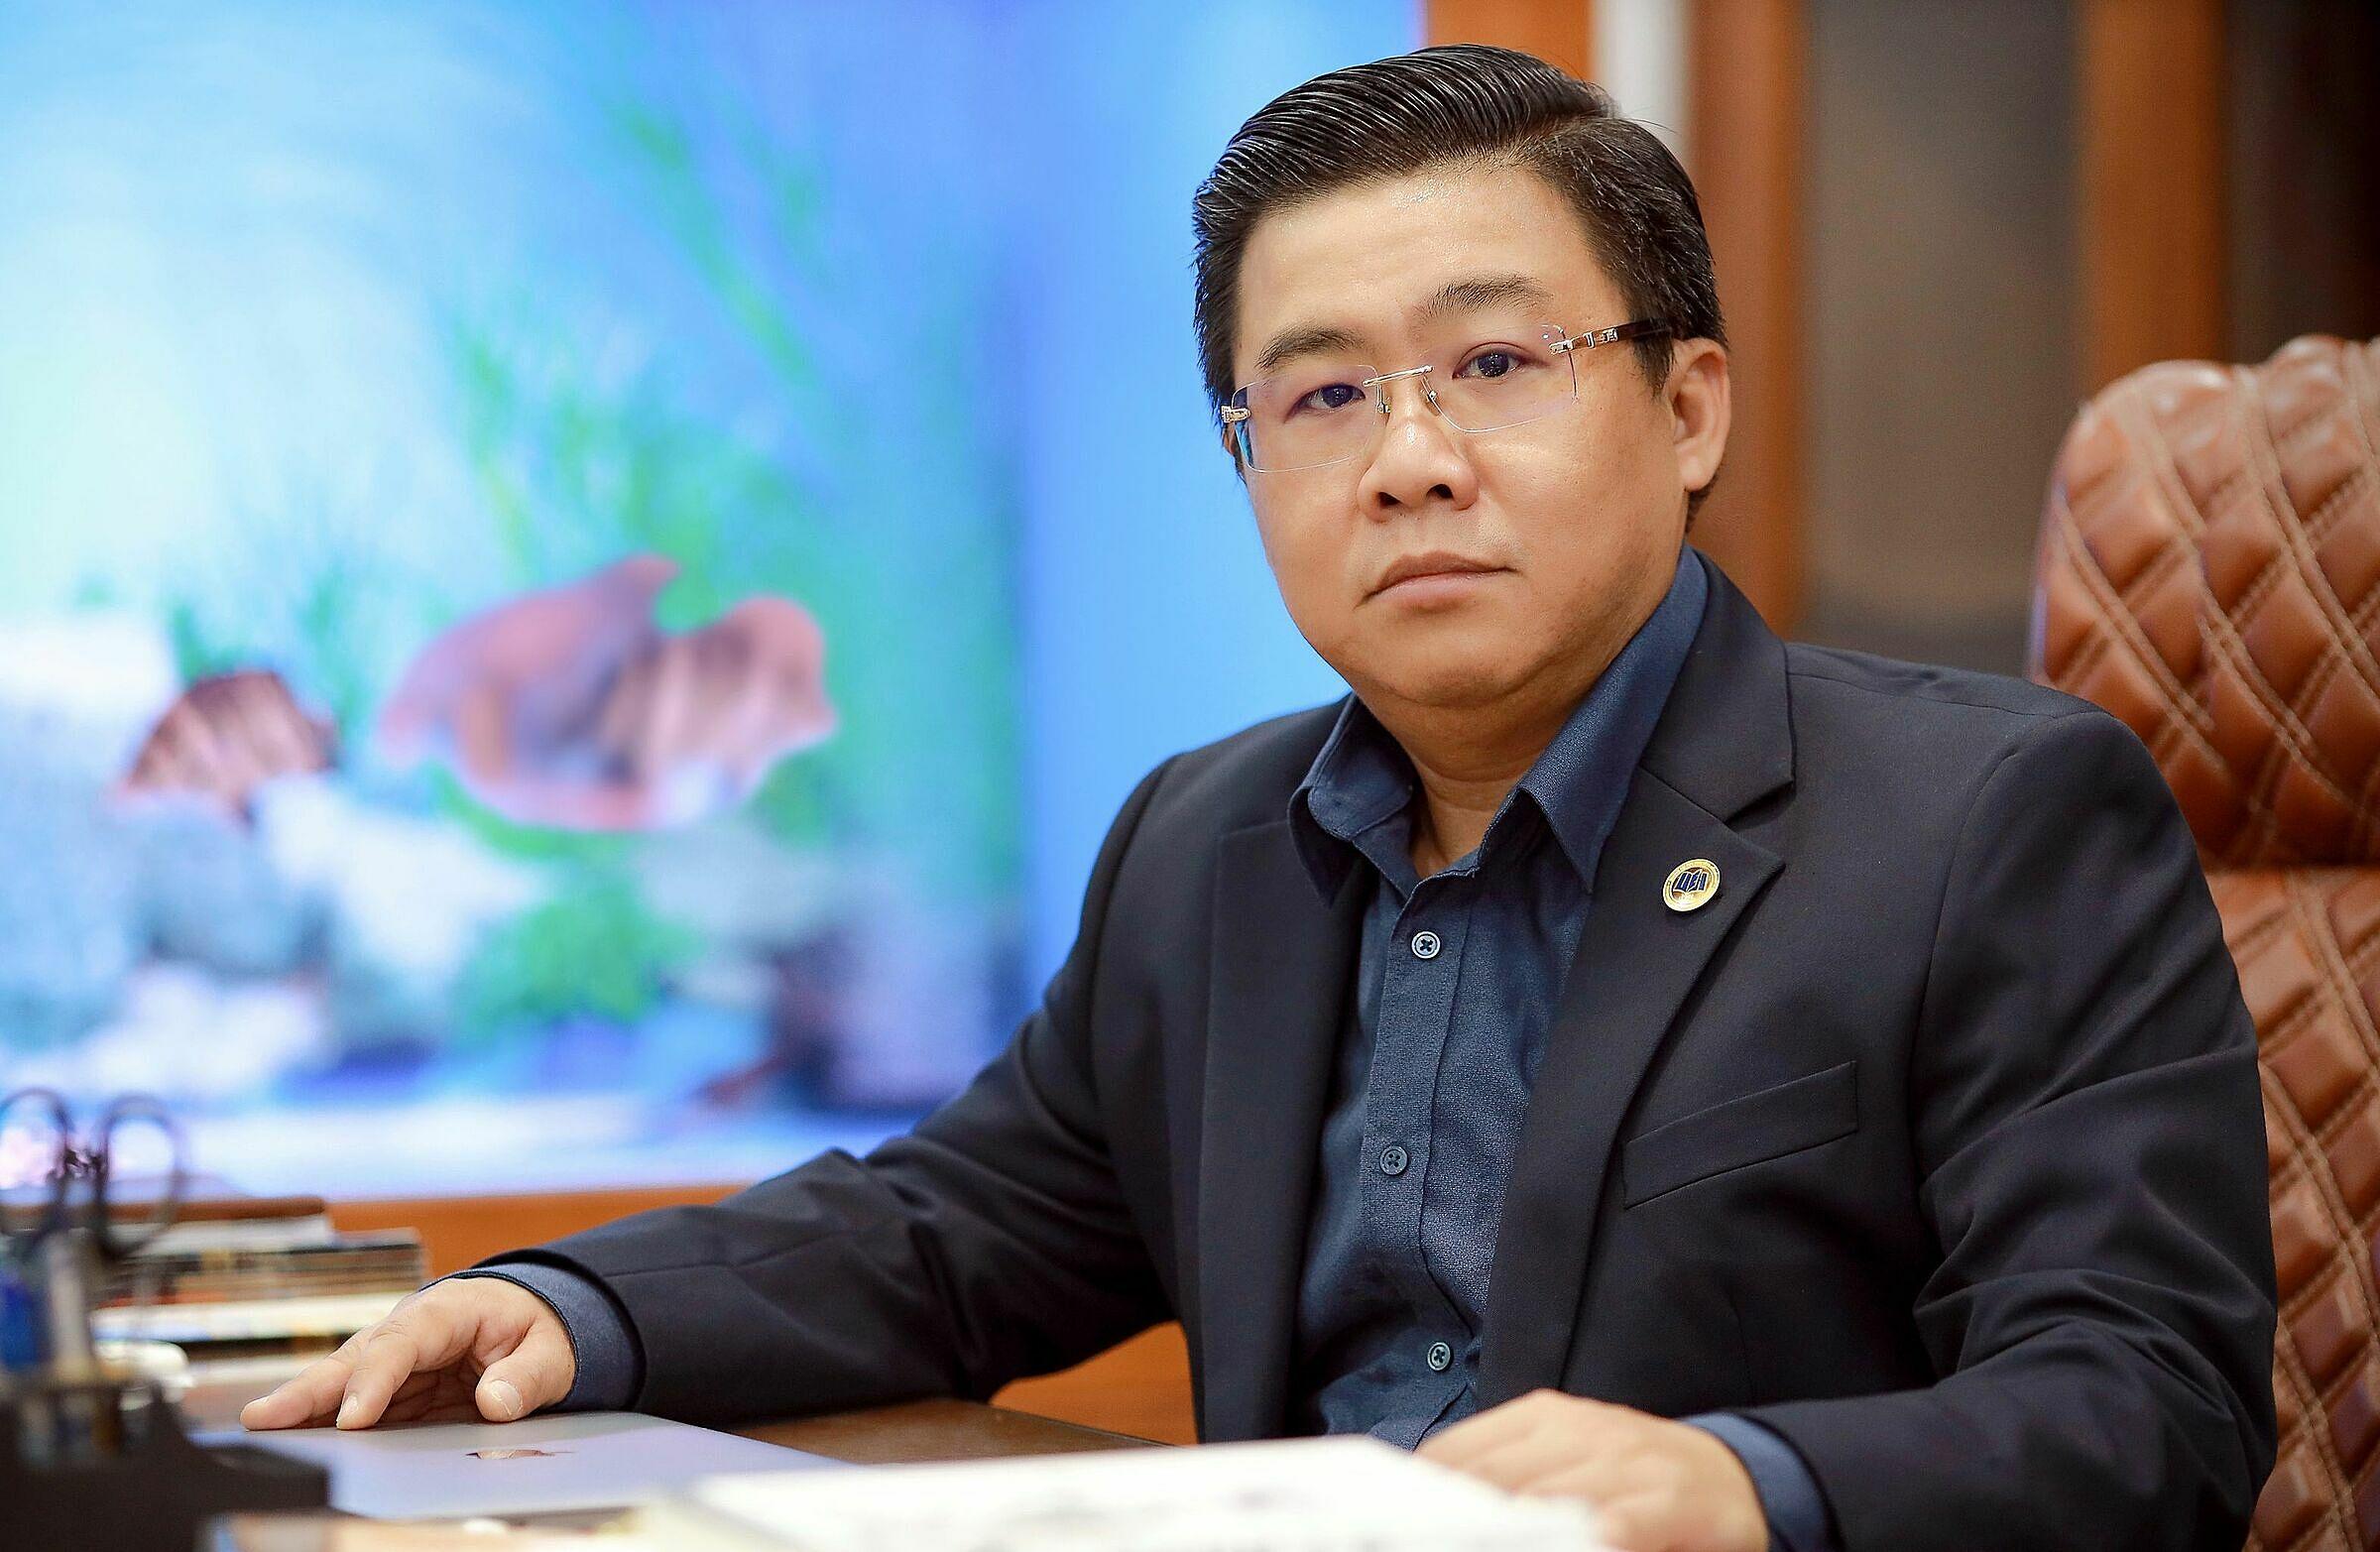 PGS. TS Nguyễn Khắc Quốc Bảo - Viện trưởng Viện Công nghệ tài chính, Đại học Kinh Tế TP HCM. Ảnh: NVCC